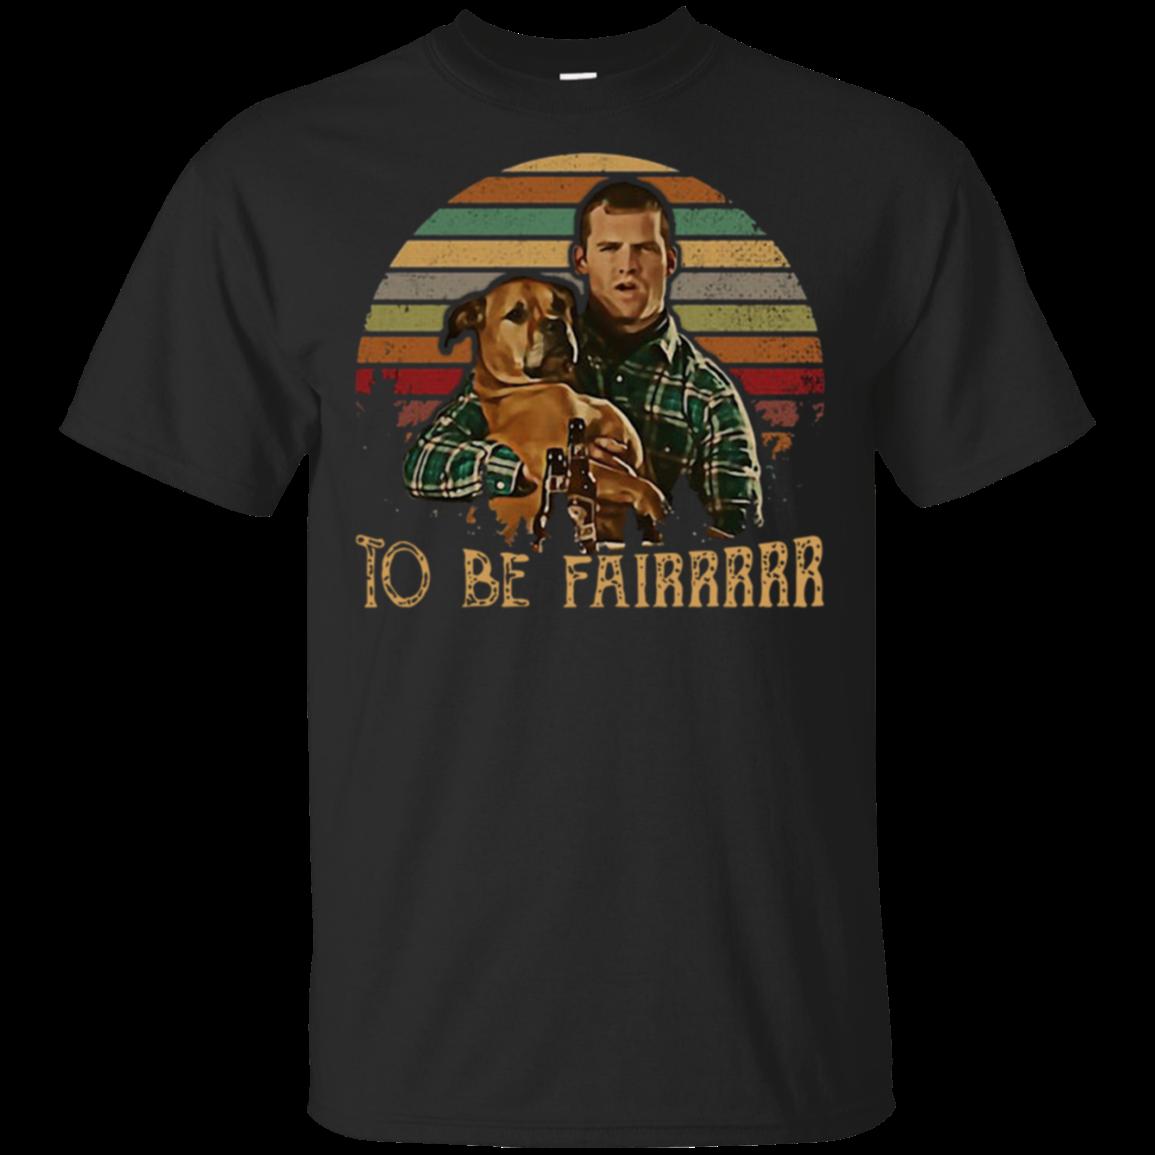 Letterkenny Hug Dog To Be Fairrrrr Sunset Retro Shirt